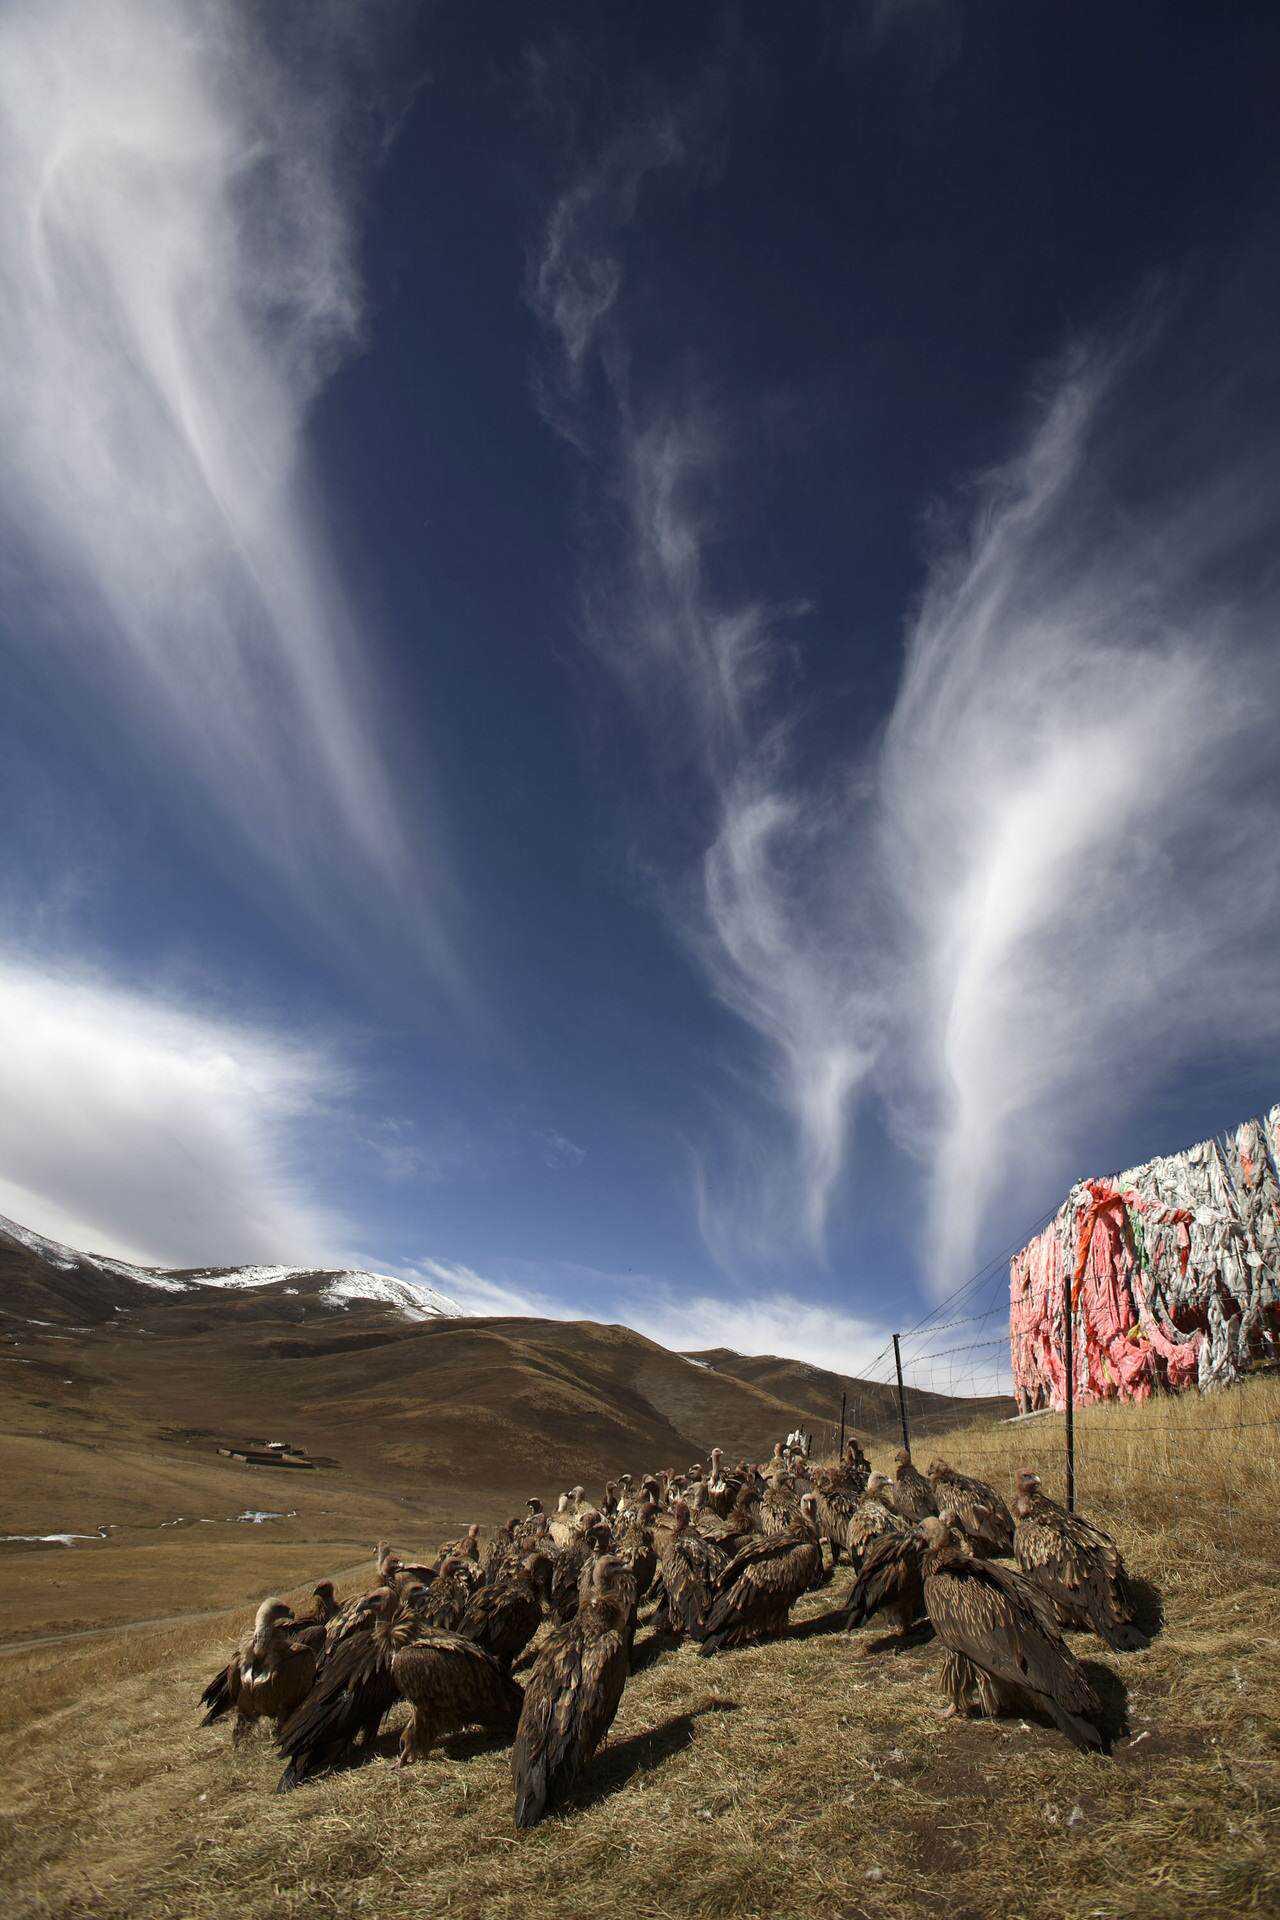 0 ef766 e43787d8 orig Sepultamento celestial no Tibete (AVISO: não recomendado para pessoas impressionáveis)